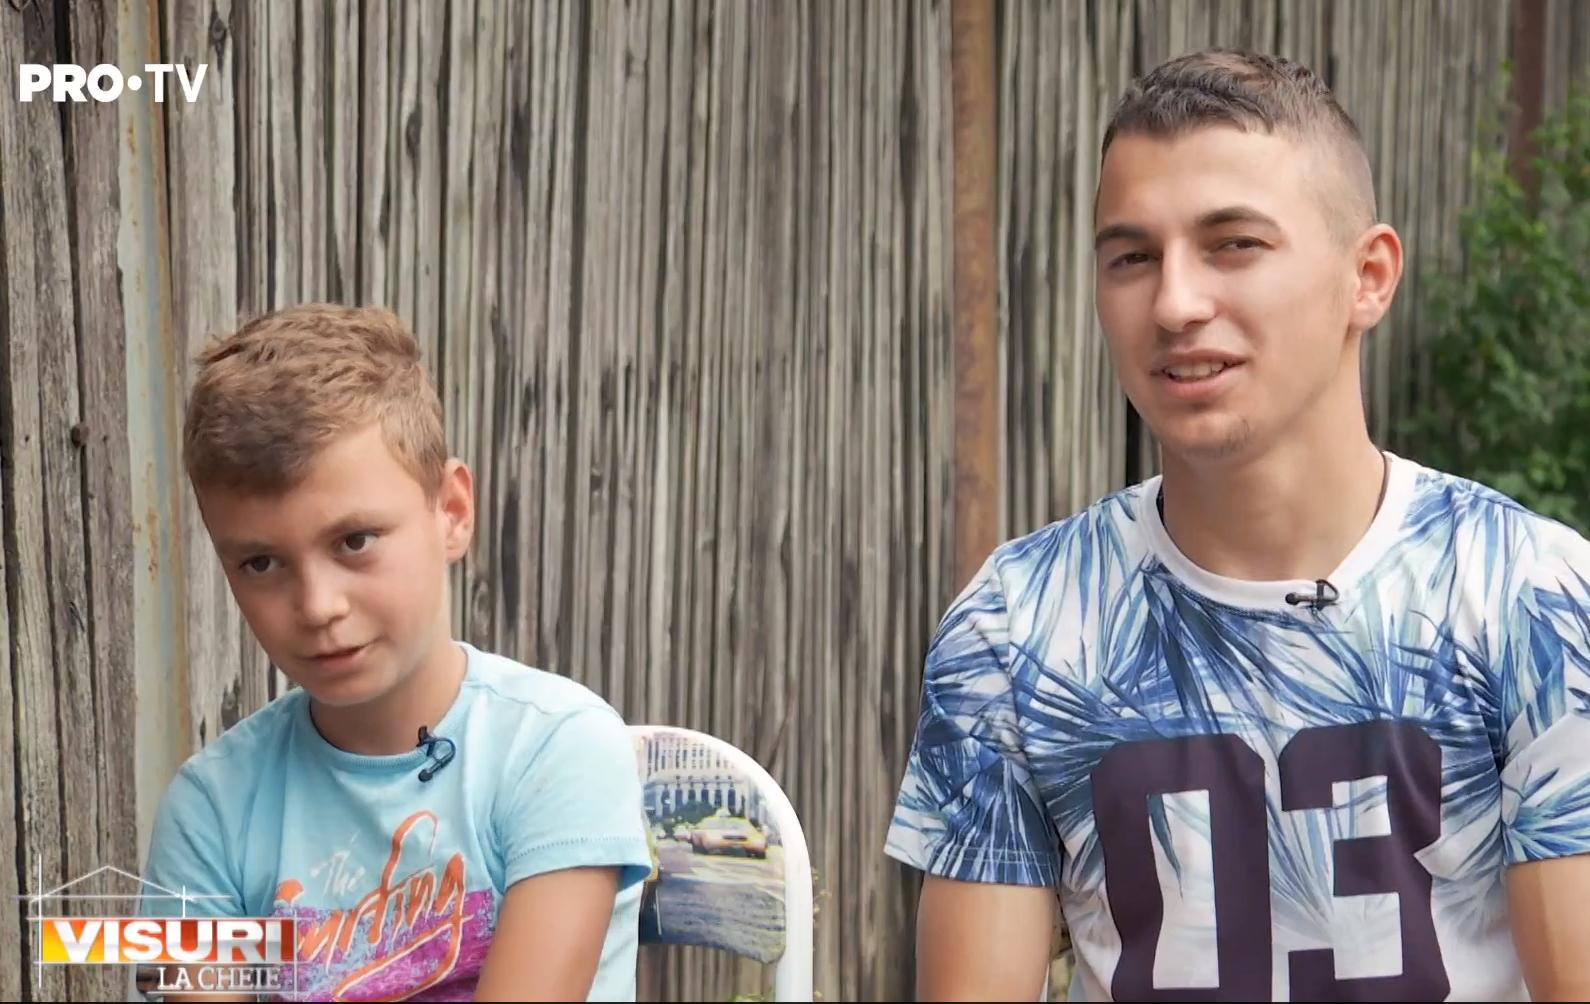 """Povestea fraților care au rămas fără tată, iar mama i-a părăsit. Au primit o casă nouă de la """"Visuri la cheie"""""""